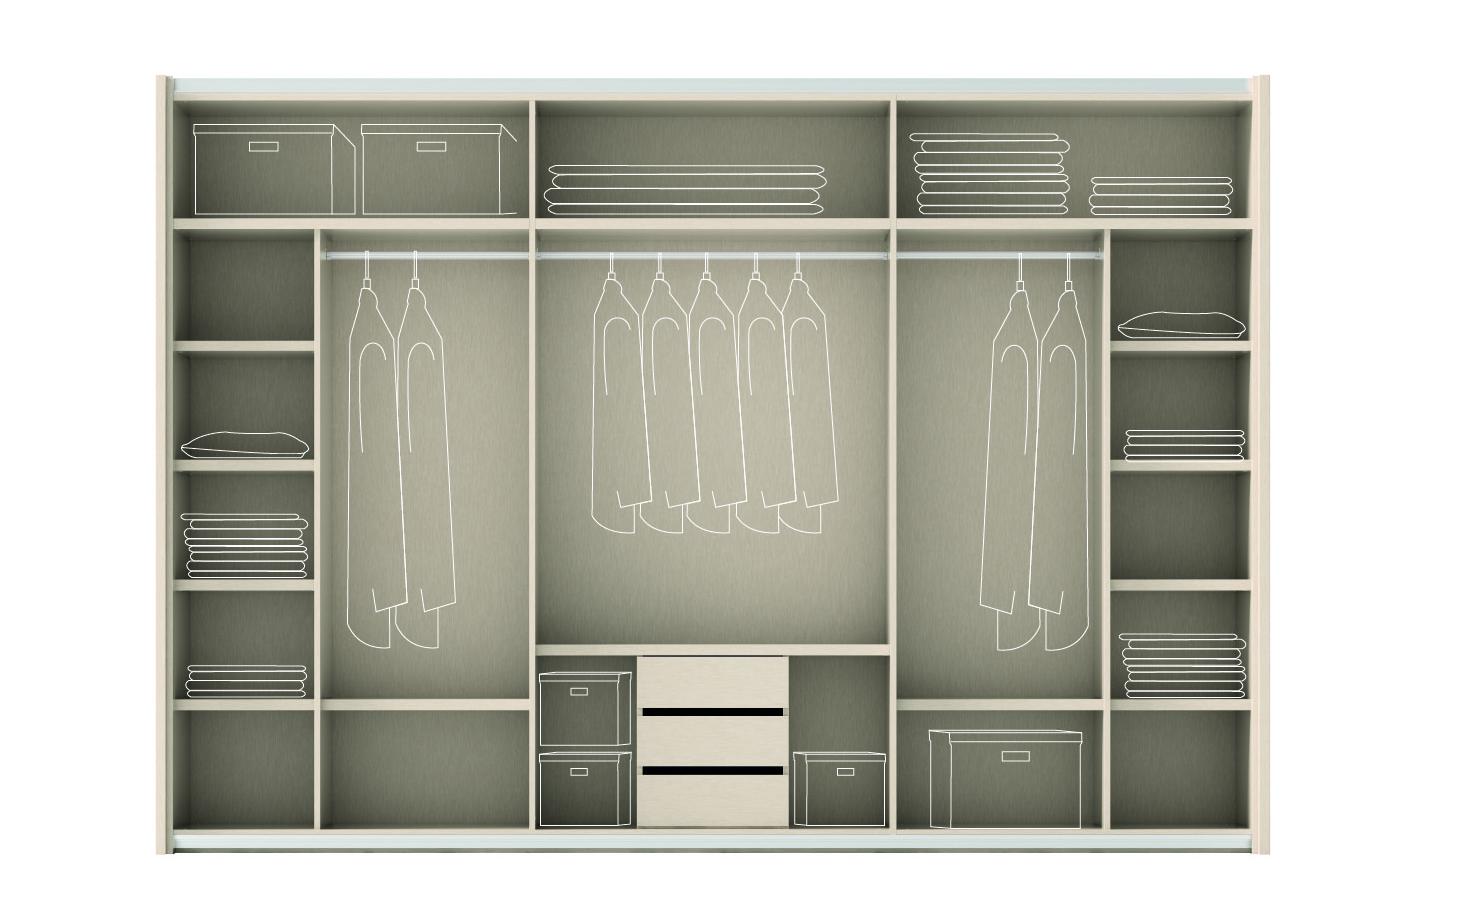 El armario y su interior muebles ros armarios - Organizar armarios empotrados ...